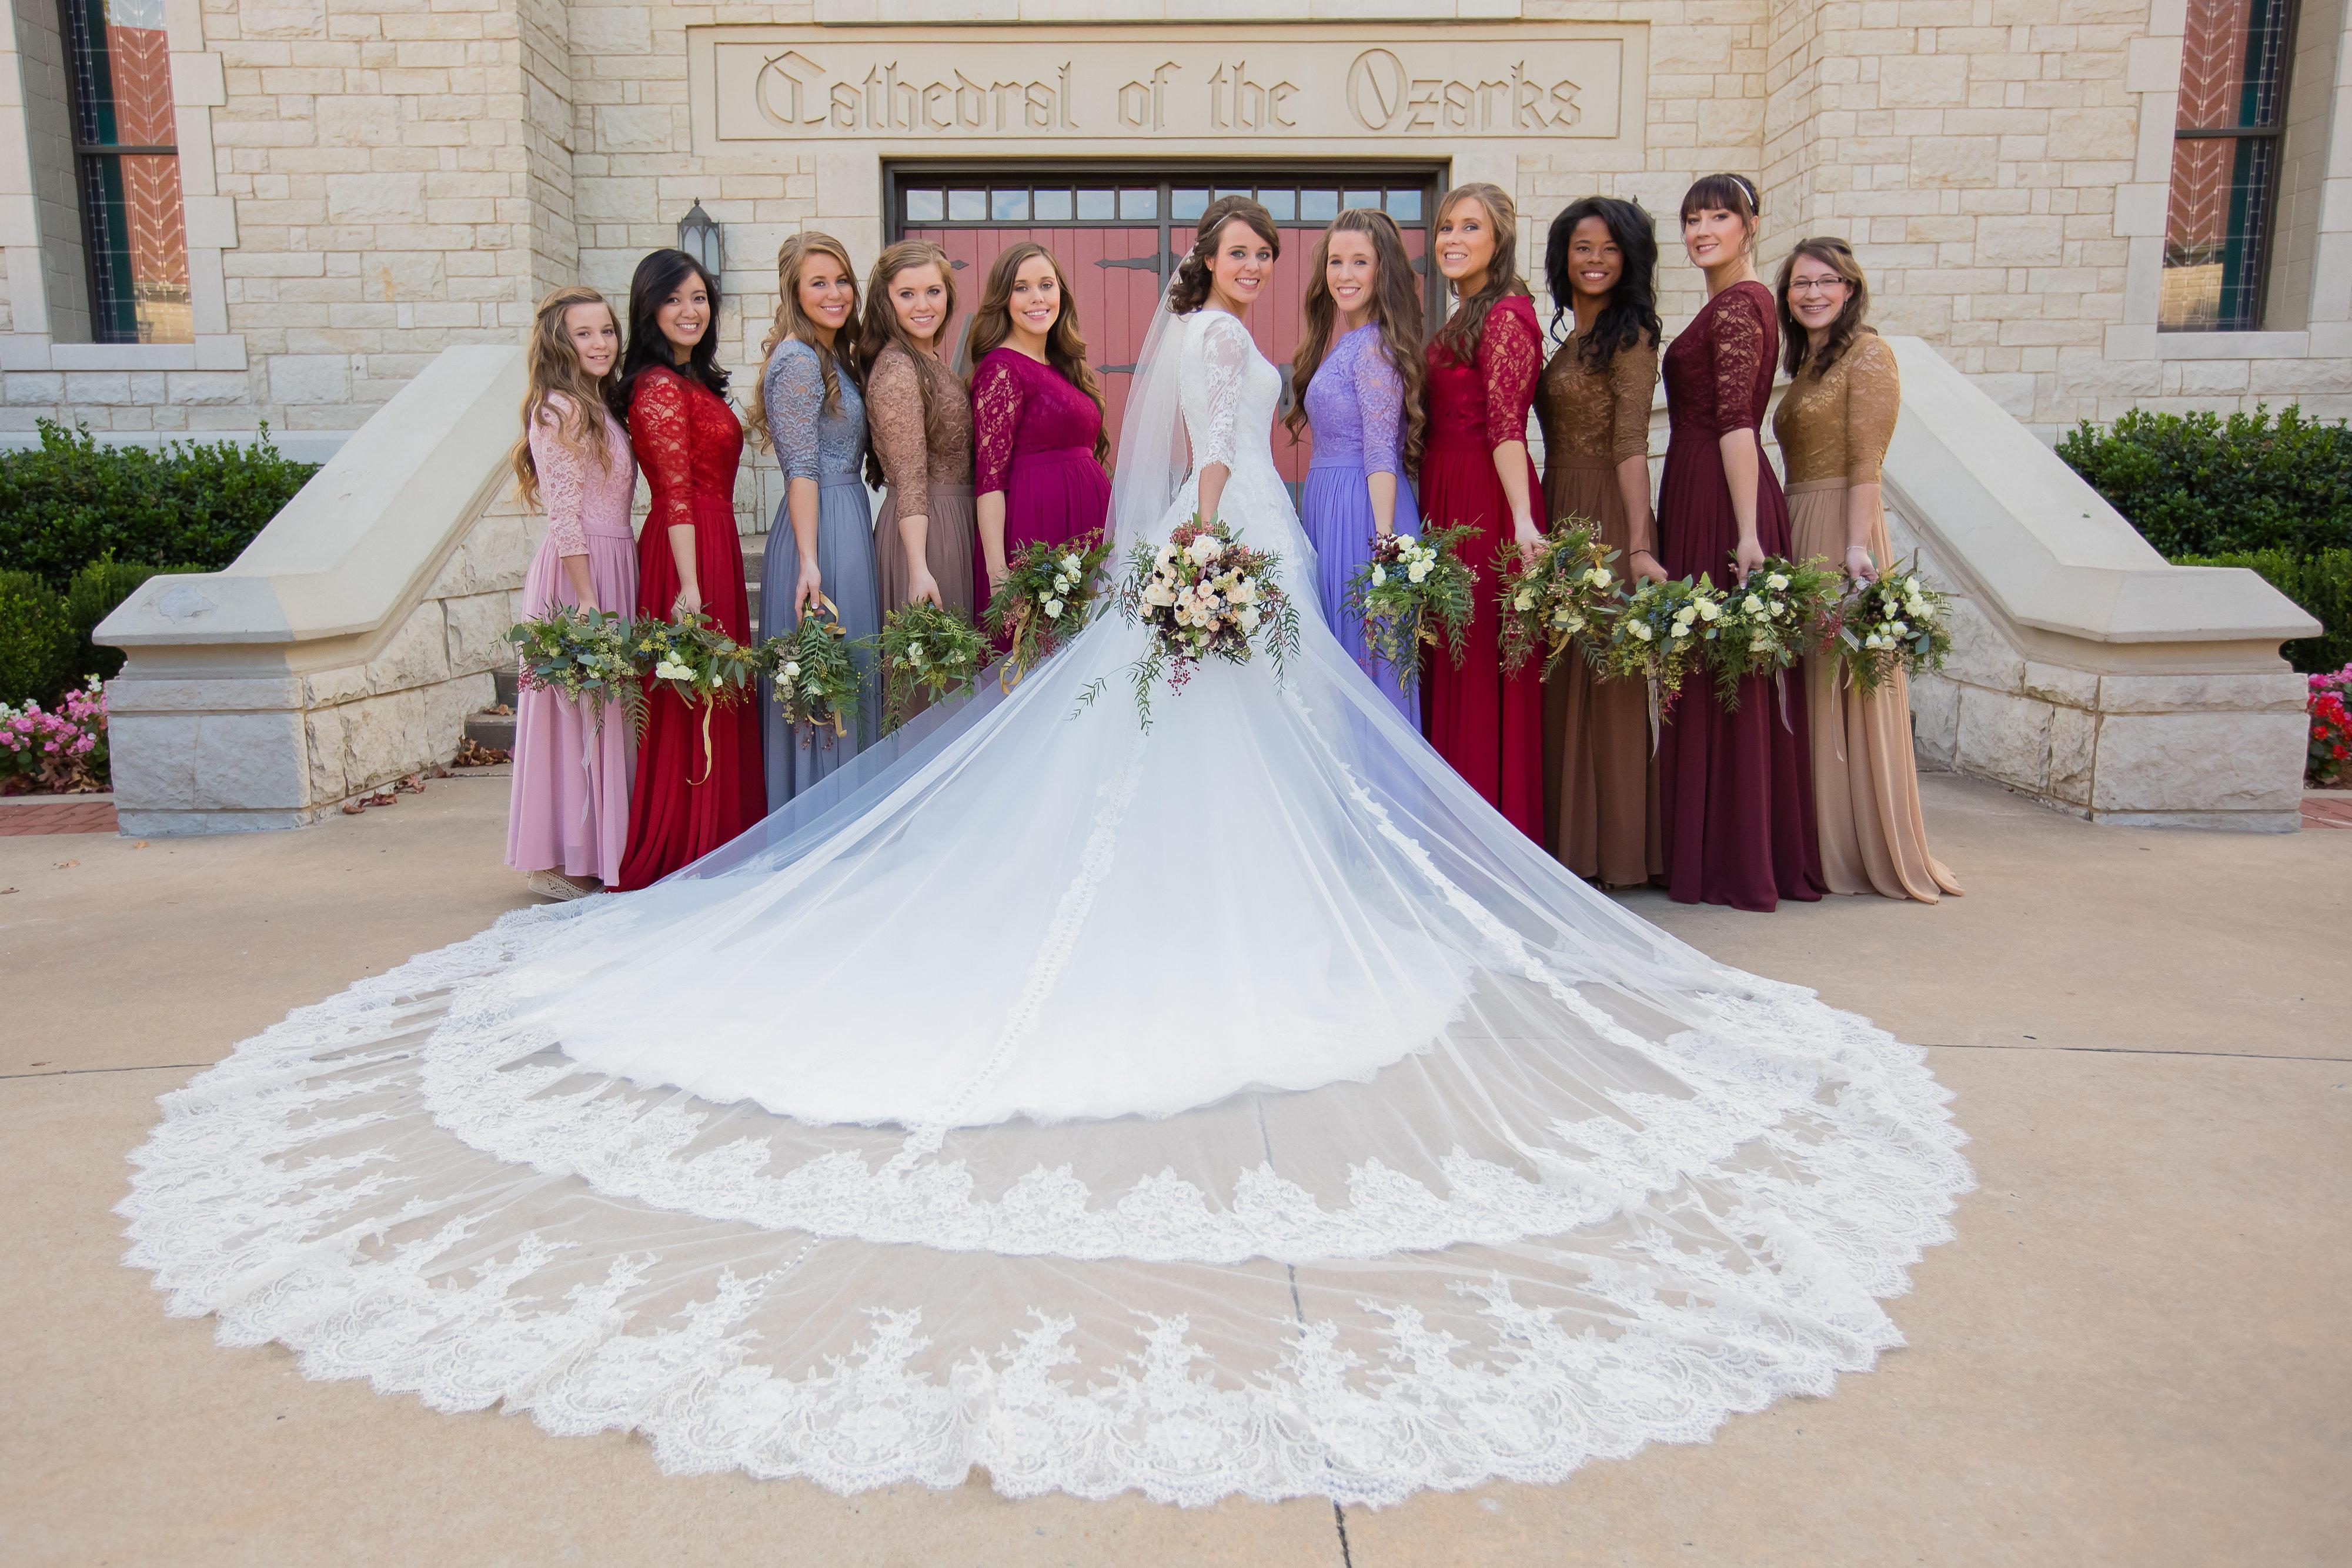 Jana karpf wedding